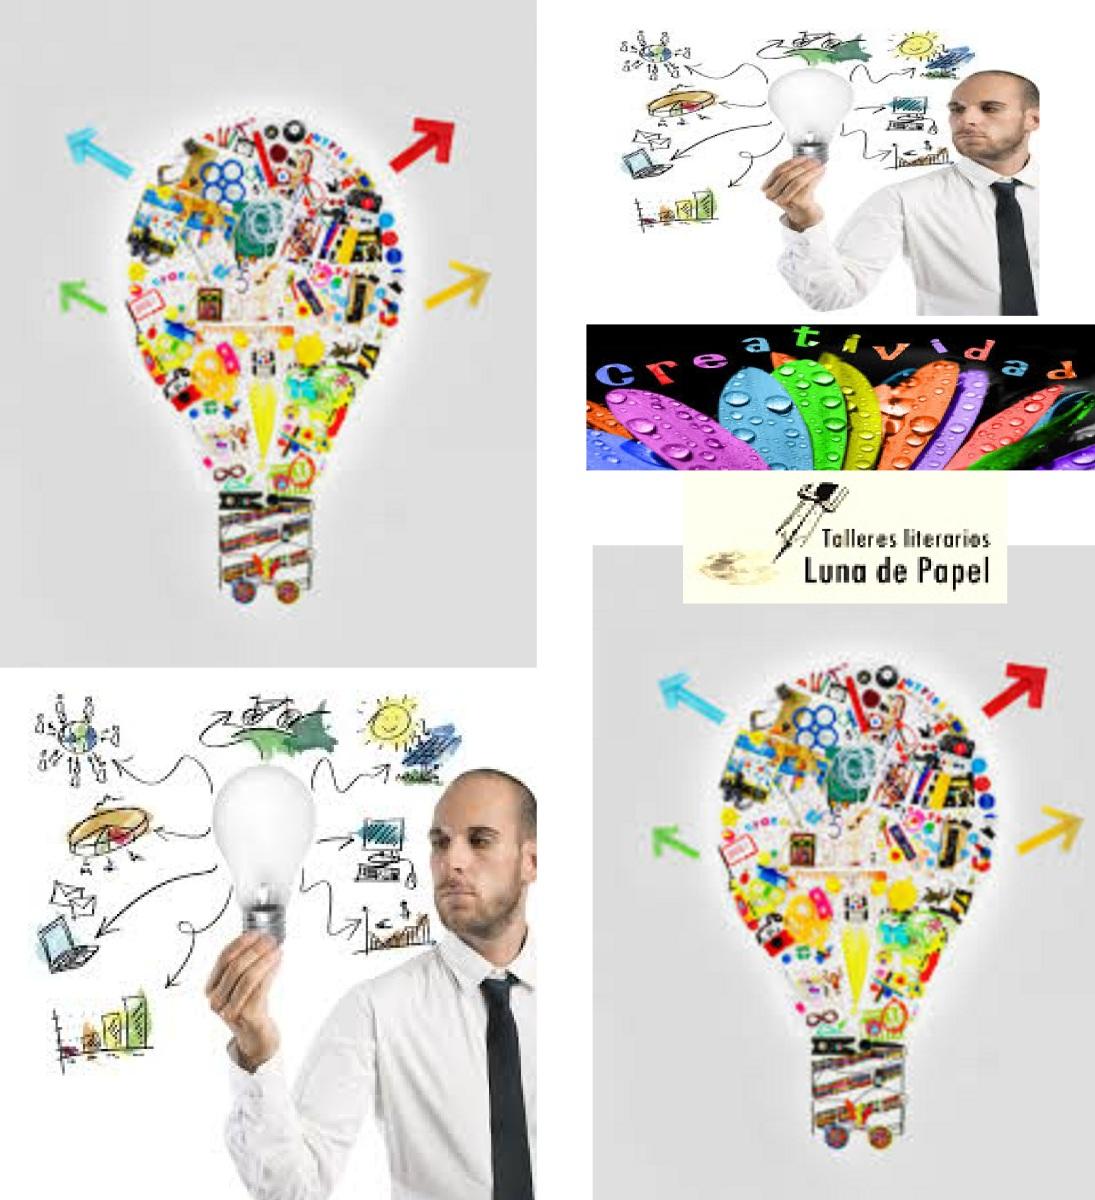 ¿SOY CREATIVO?: FORO DE CREATIVIDAD Y TEST PARA IMAGINATIVOS. Curso - taller de escritura Valencia